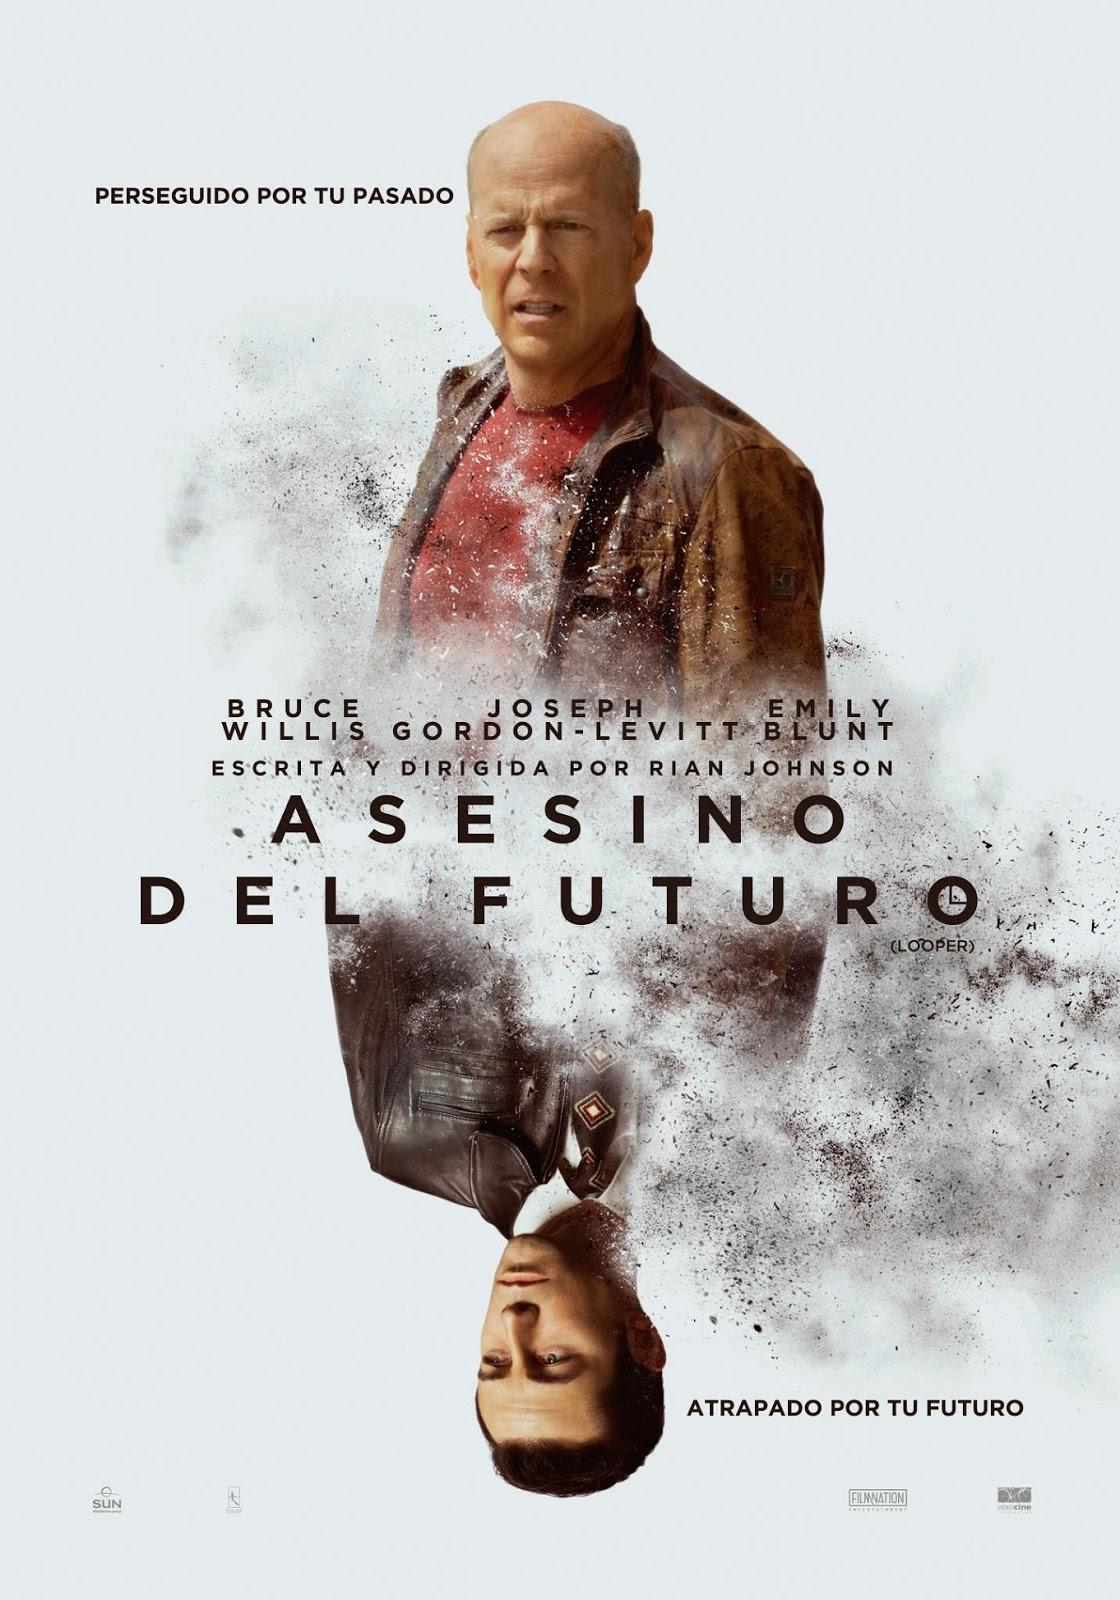 http://4.bp.blogspot.com/-UmUZPUAWuro/UIdviauGLMI/AAAAAAAADCo/csyOUei9VbQ/s1600/Asesino+del+Futuro.jpg